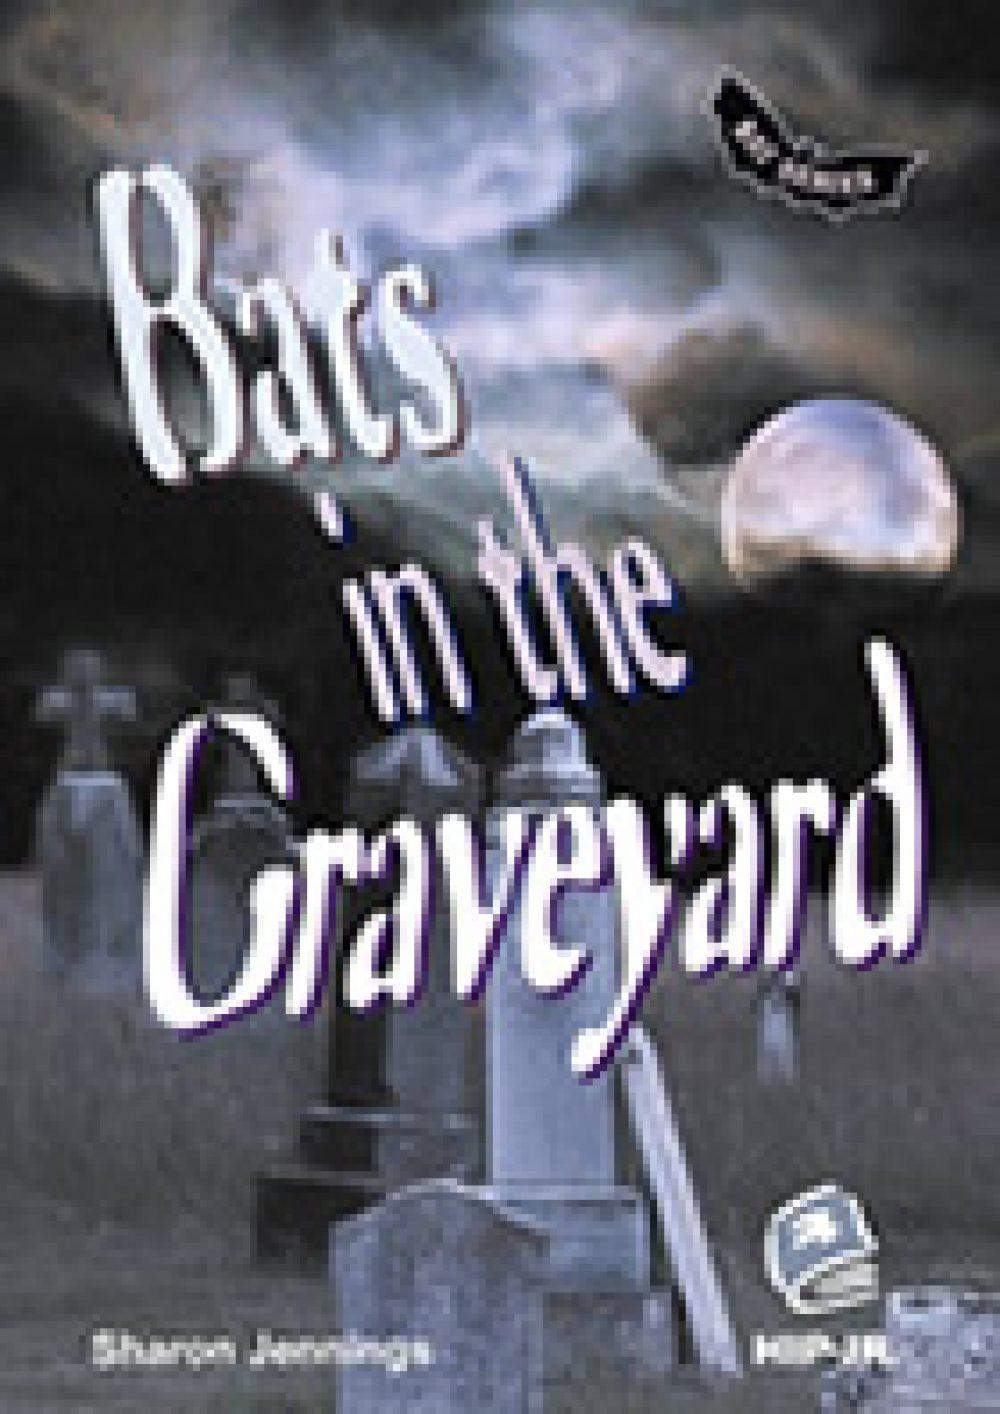 Bats 2: Bats in the Graveyard